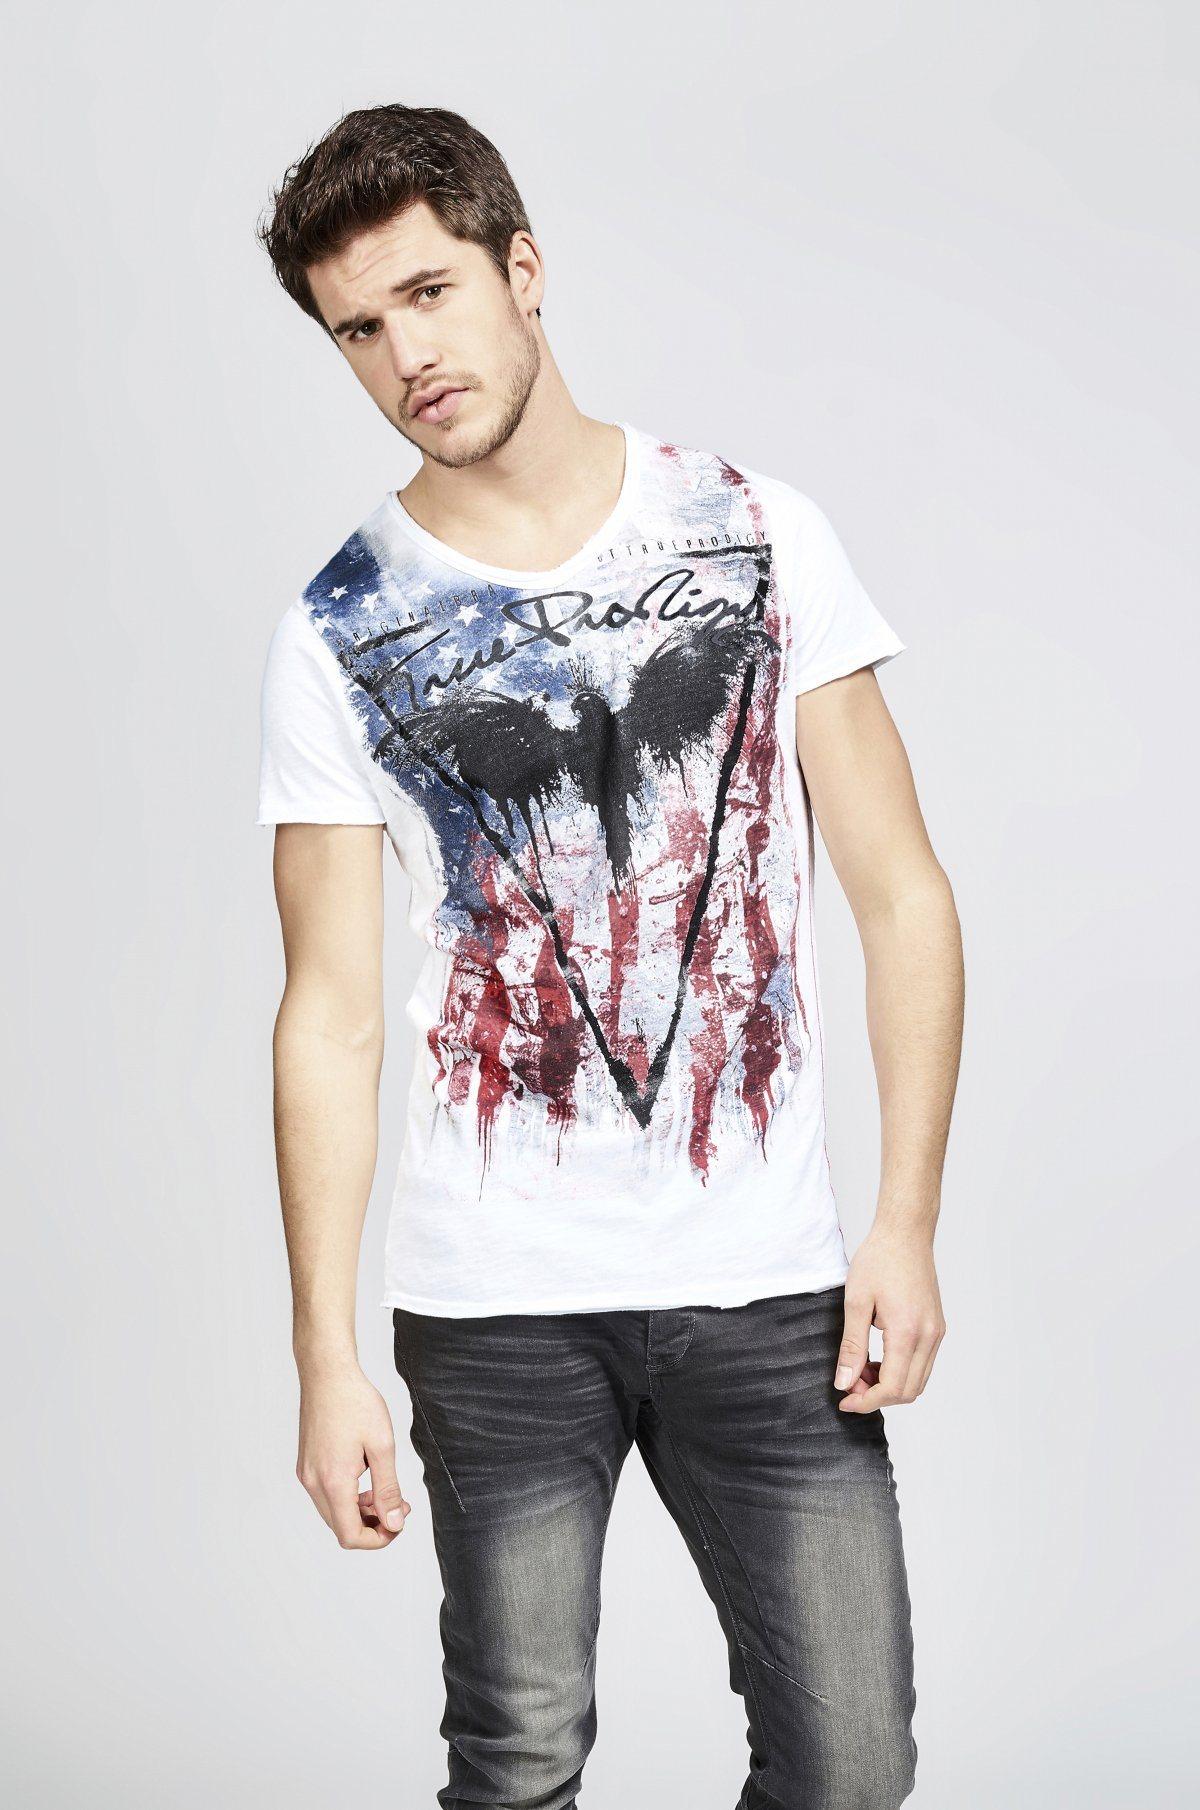 Herren trueprodigy T-Shirt Eagle of death schwarz, weiß | 04057124028232